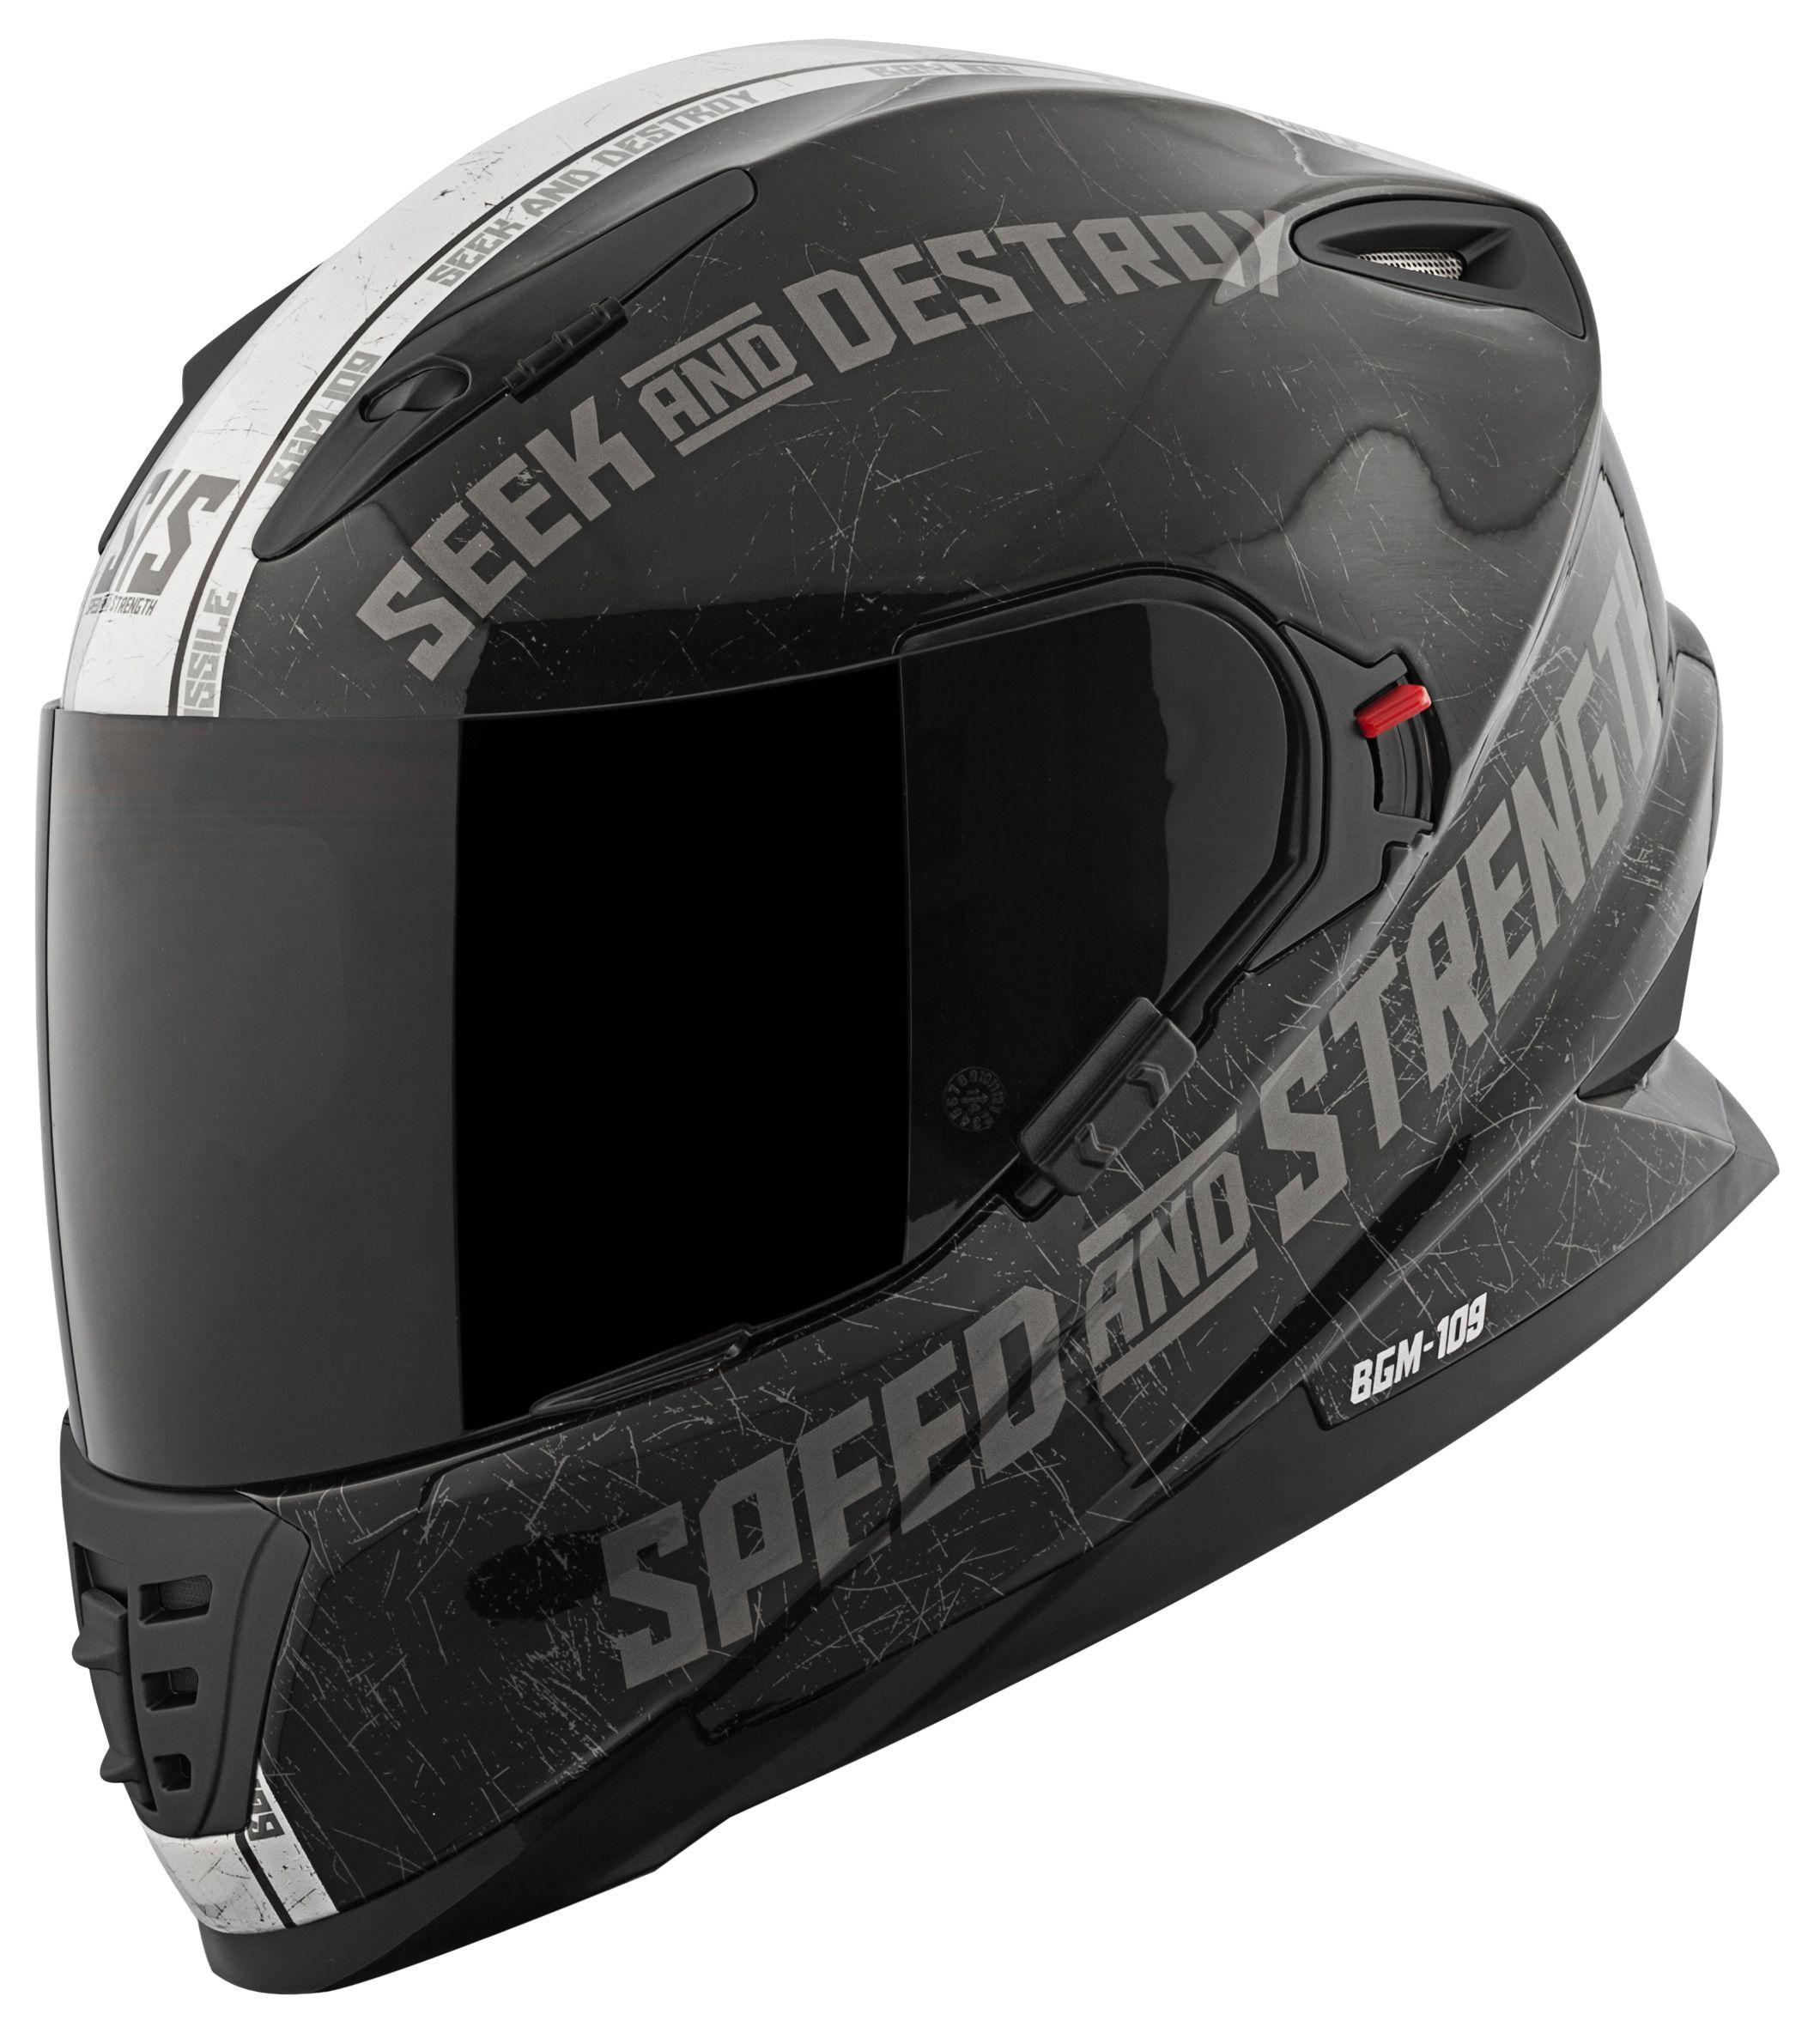 Shoei Qwest Wanderlust Helmet - RevZilla